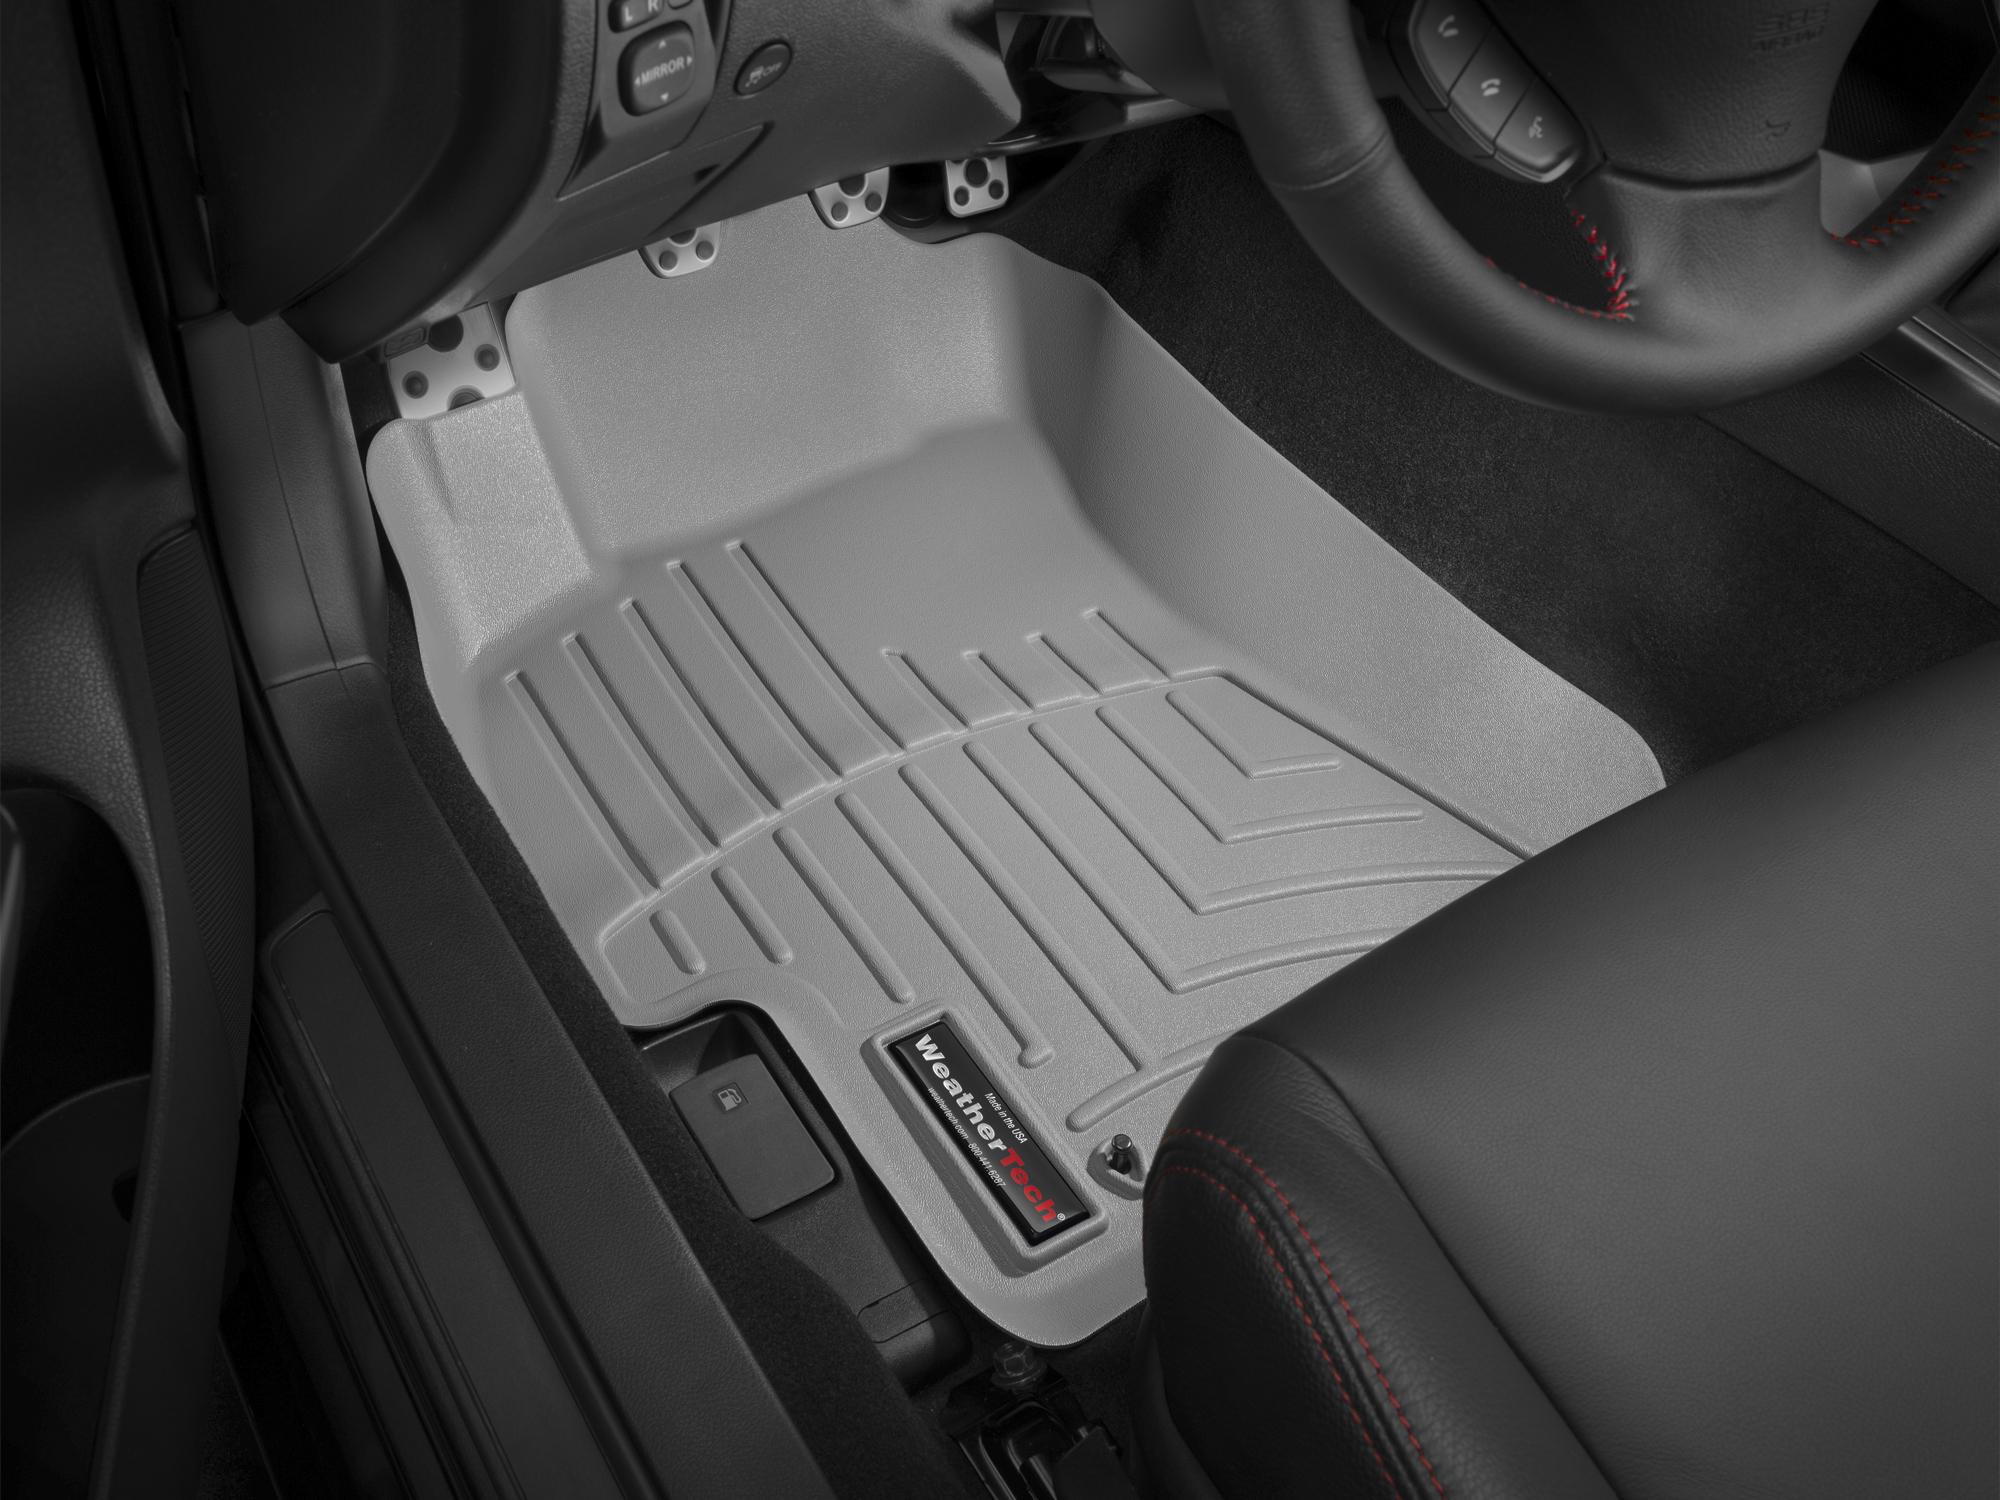 Tappeti gomma su misura bordo alto Subaru Impreza WRX STi 08>13 Grigio A3472